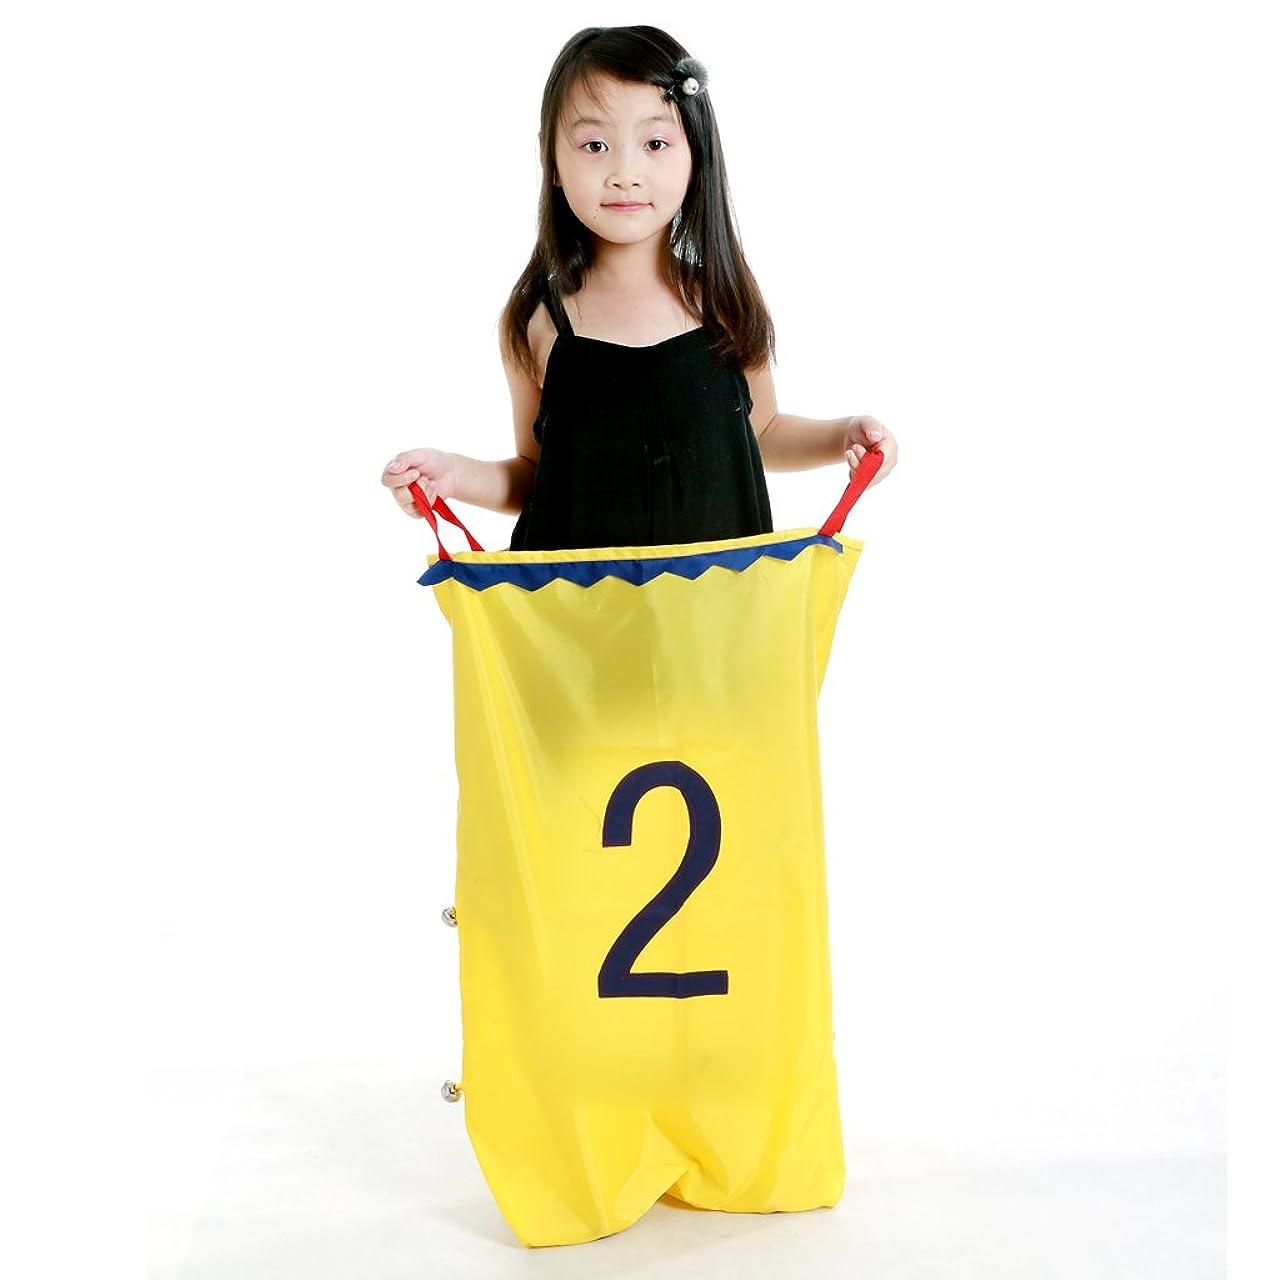 社員セレナリボンPerfeclan キッズキッズファミリーレースゲームジャンピングサックおもちゃ楽しいスポーツガーデンアウトドアスクールAtivityバランストレーニング - 黄2